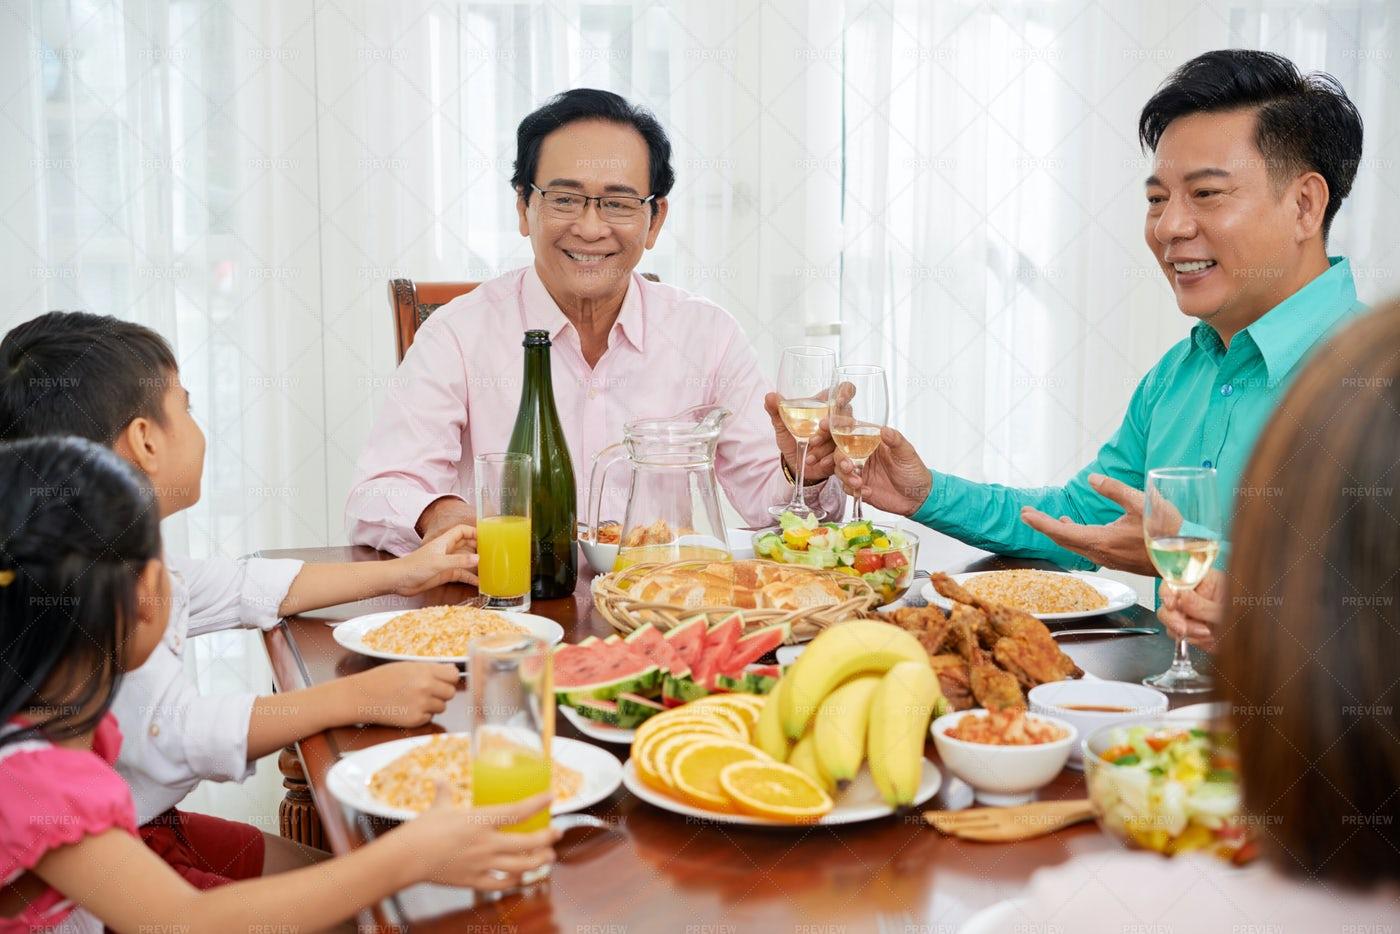 Family Celebrating Dinner: Stock Photos